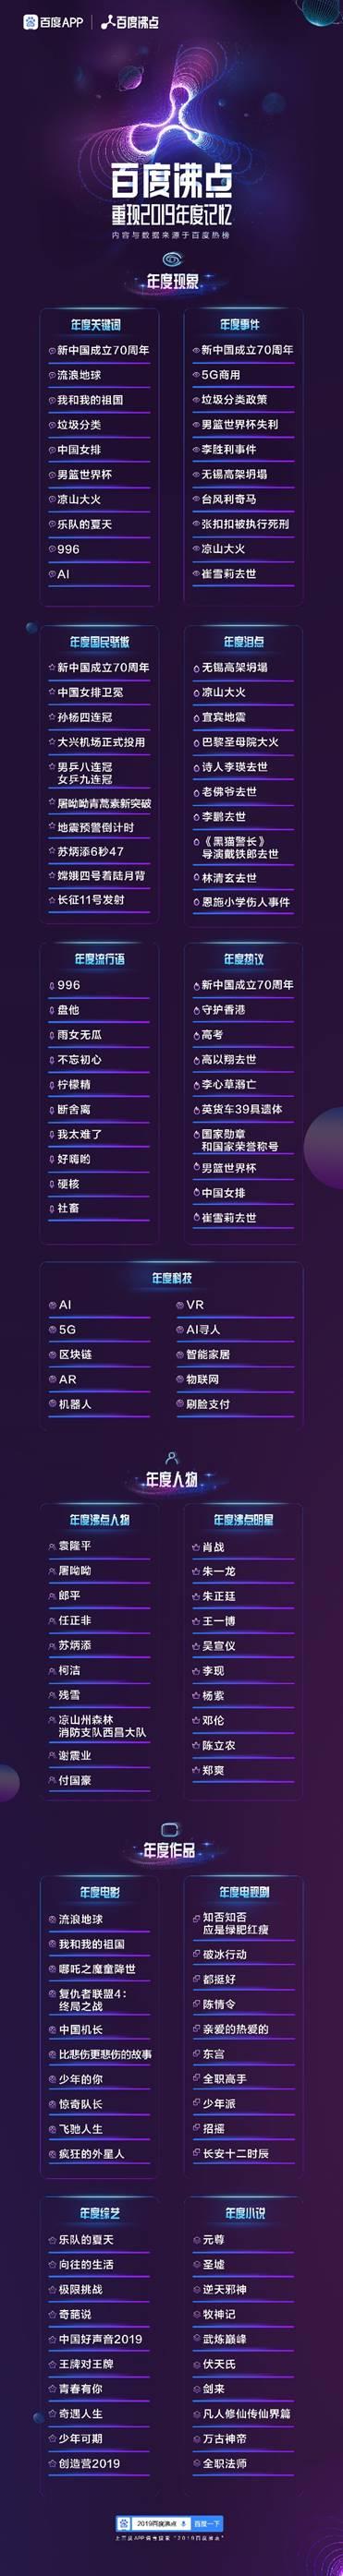 百度沸点2019:大数据下中国网民的人生百态与社会焦点